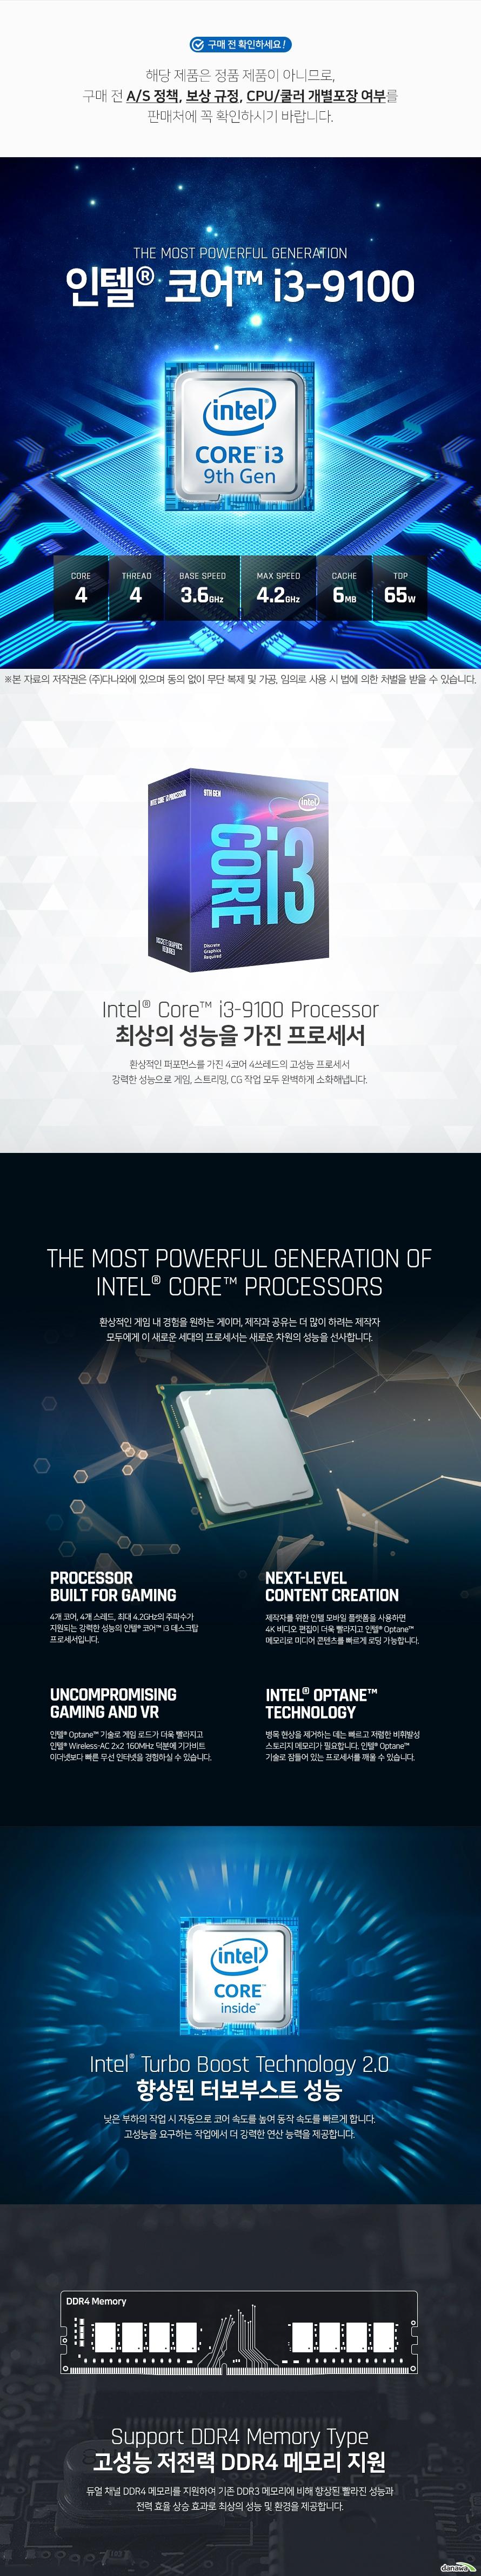 4개 코어, 4개 스레드, 최대 4.2GHz의 주파수가  지원되는 강력한 성능의 인텔® 코어™ i3 데스크탑  프로세서입니다. 향상된 터보부스트 성능 낮은 부하의 작업 시 자동으로 코어 속도를 높여 동작 속도를 빠르게 합니다. 고성능을 요구하는 작업에서 더 강력한 연산 능력을 제공합니다. 고성능 저전력 DDR4 메모리 지원 듀얼 채널 DDR4 메모리를 지원하여 기존 DDR3 메모리에 비해 향상된 빨라진 성능과 전력 효율 상승 효과로 최상의 성능 및 환경을 제공합니다. 인텔® 퀵 싱크 비디오로 휴대용 미디어 플레이어용 비디오 변환을 신속하게  할 수 있으며, 온라인 공유, 편집 및 비디오 제작이 가능합니다. 인텔 UHD 그래픽스 630 탑재 내장 그래픽 성능을 대폭 늘려 4K 초고해상도 영상을 60프레임으로 부드럽게 재생하며 선명한 화질과 화사한 색감으로 퀄리티 있는 디스플레이 환경을 제공합니다.